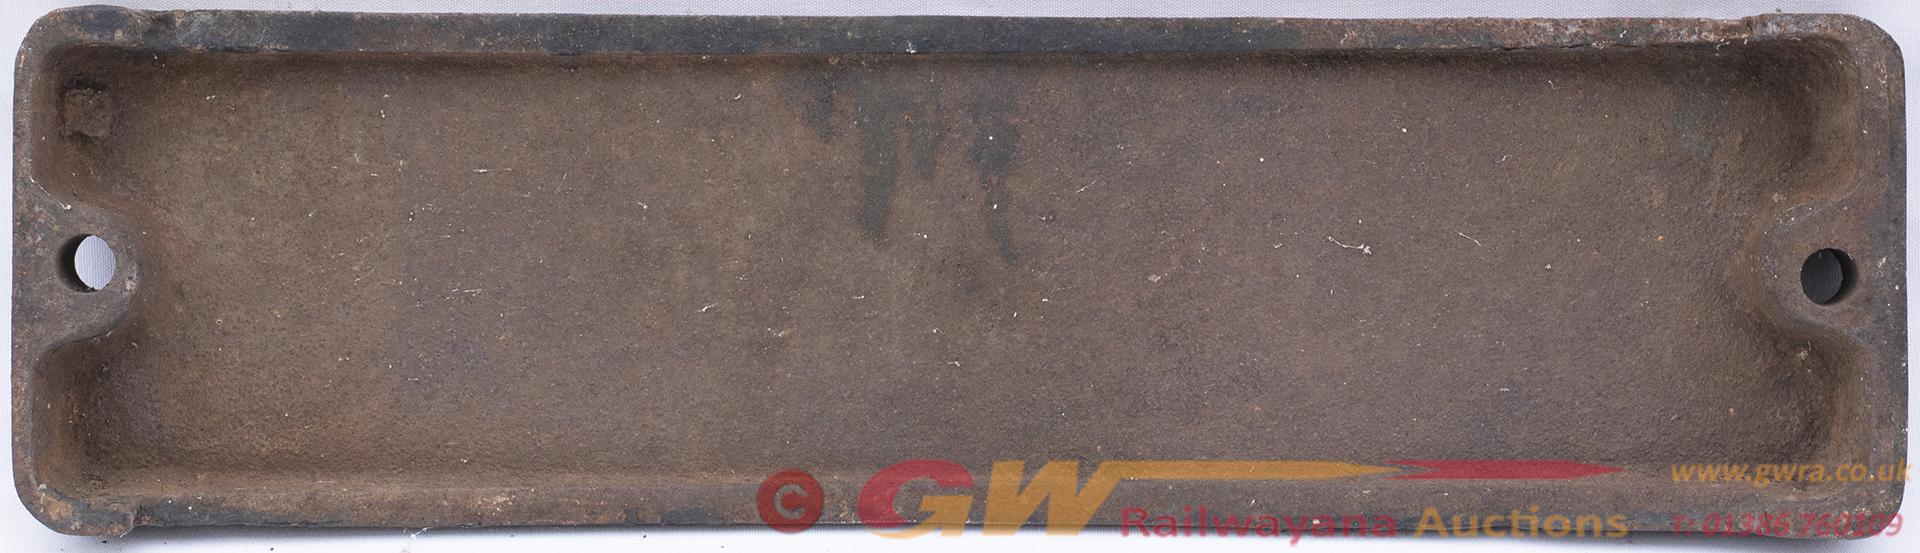 Smokebox Numberplate 64487 Ex North British